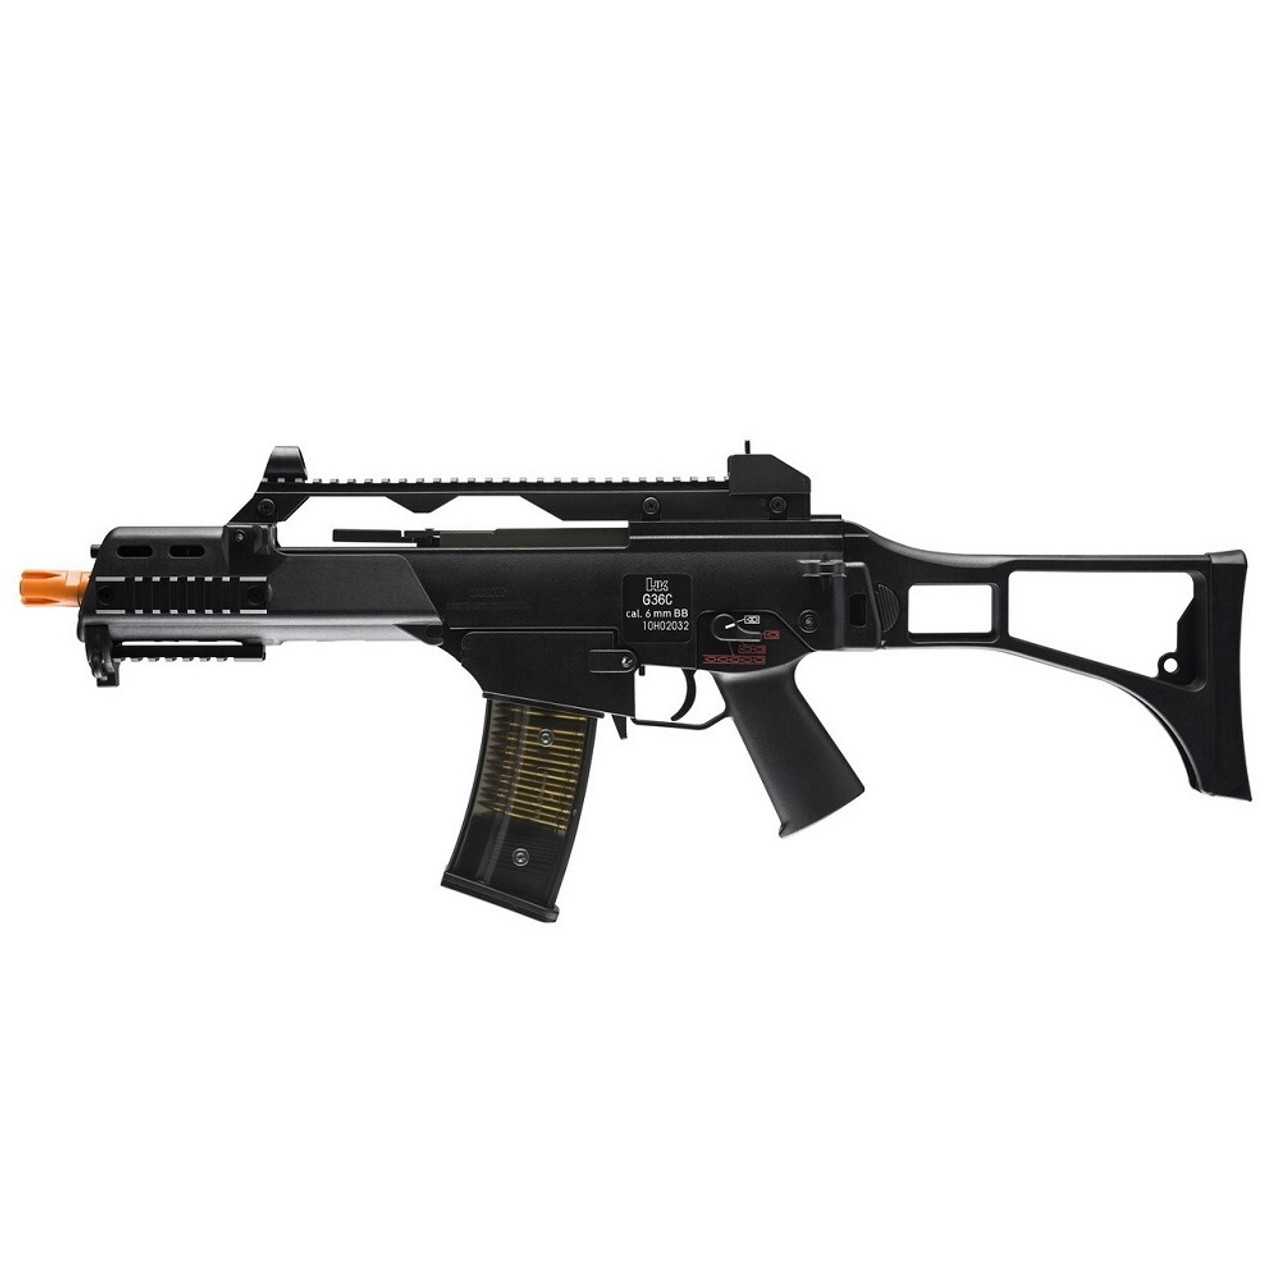 G36 Airsoft Guns